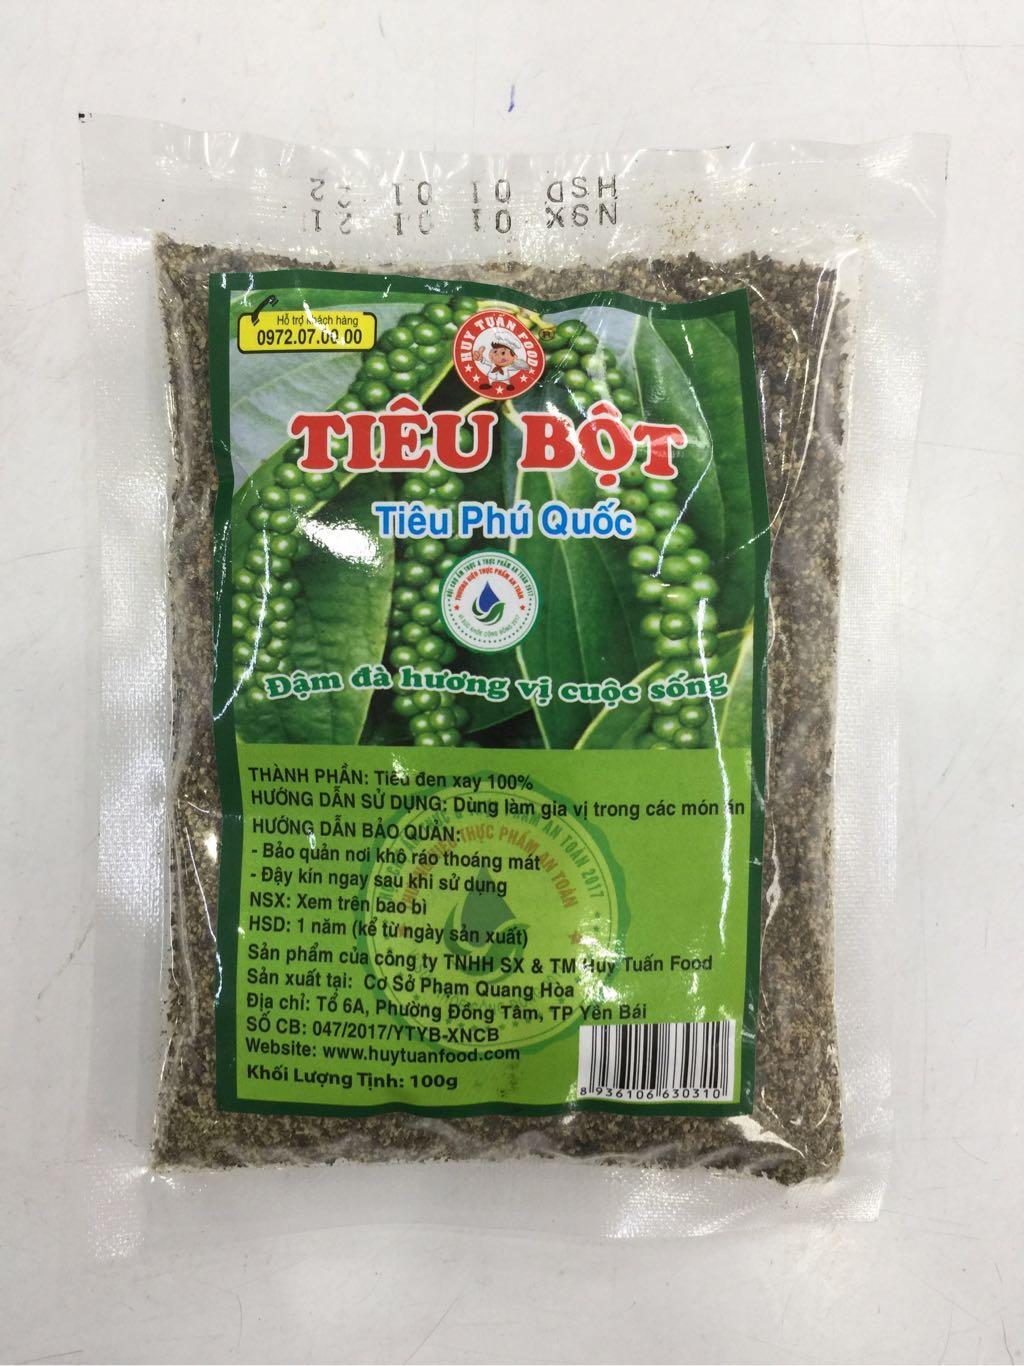 Tiêu bột Phú Quốc 100g